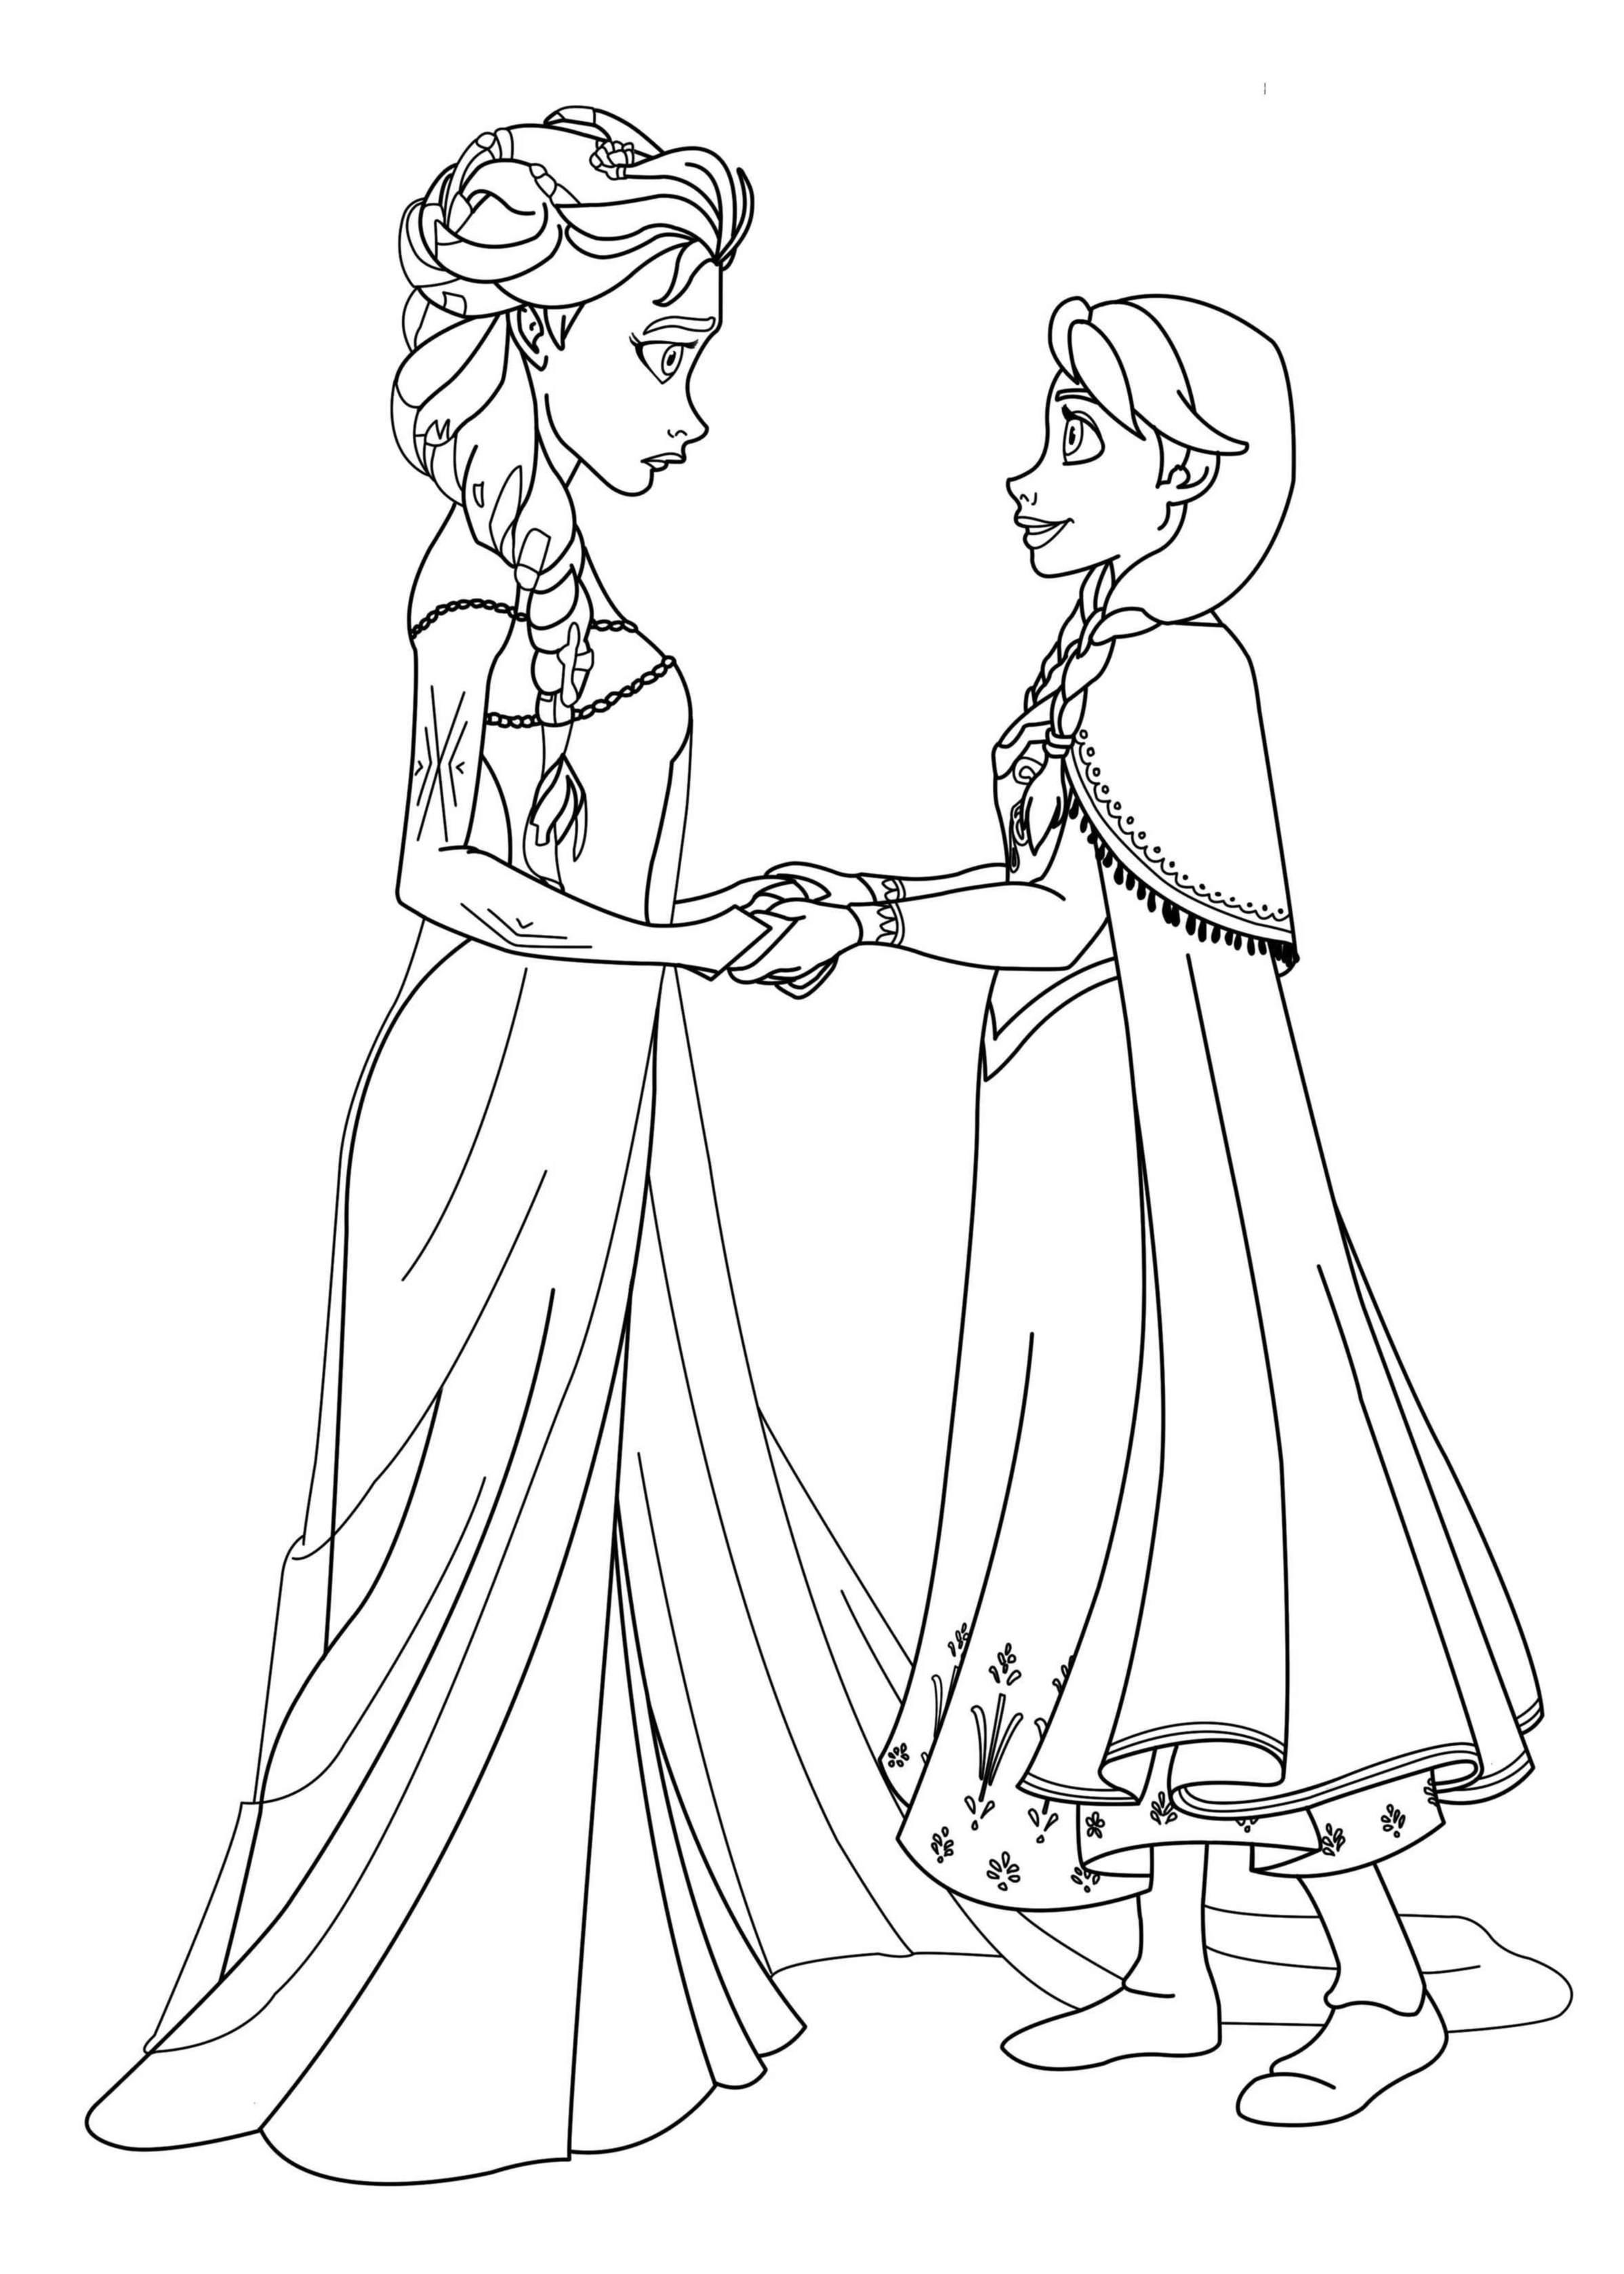 Coloriages des personnages de la reine des neiges coloriage la reine des neiges coloriages - Coloriage princesse des neiges ...